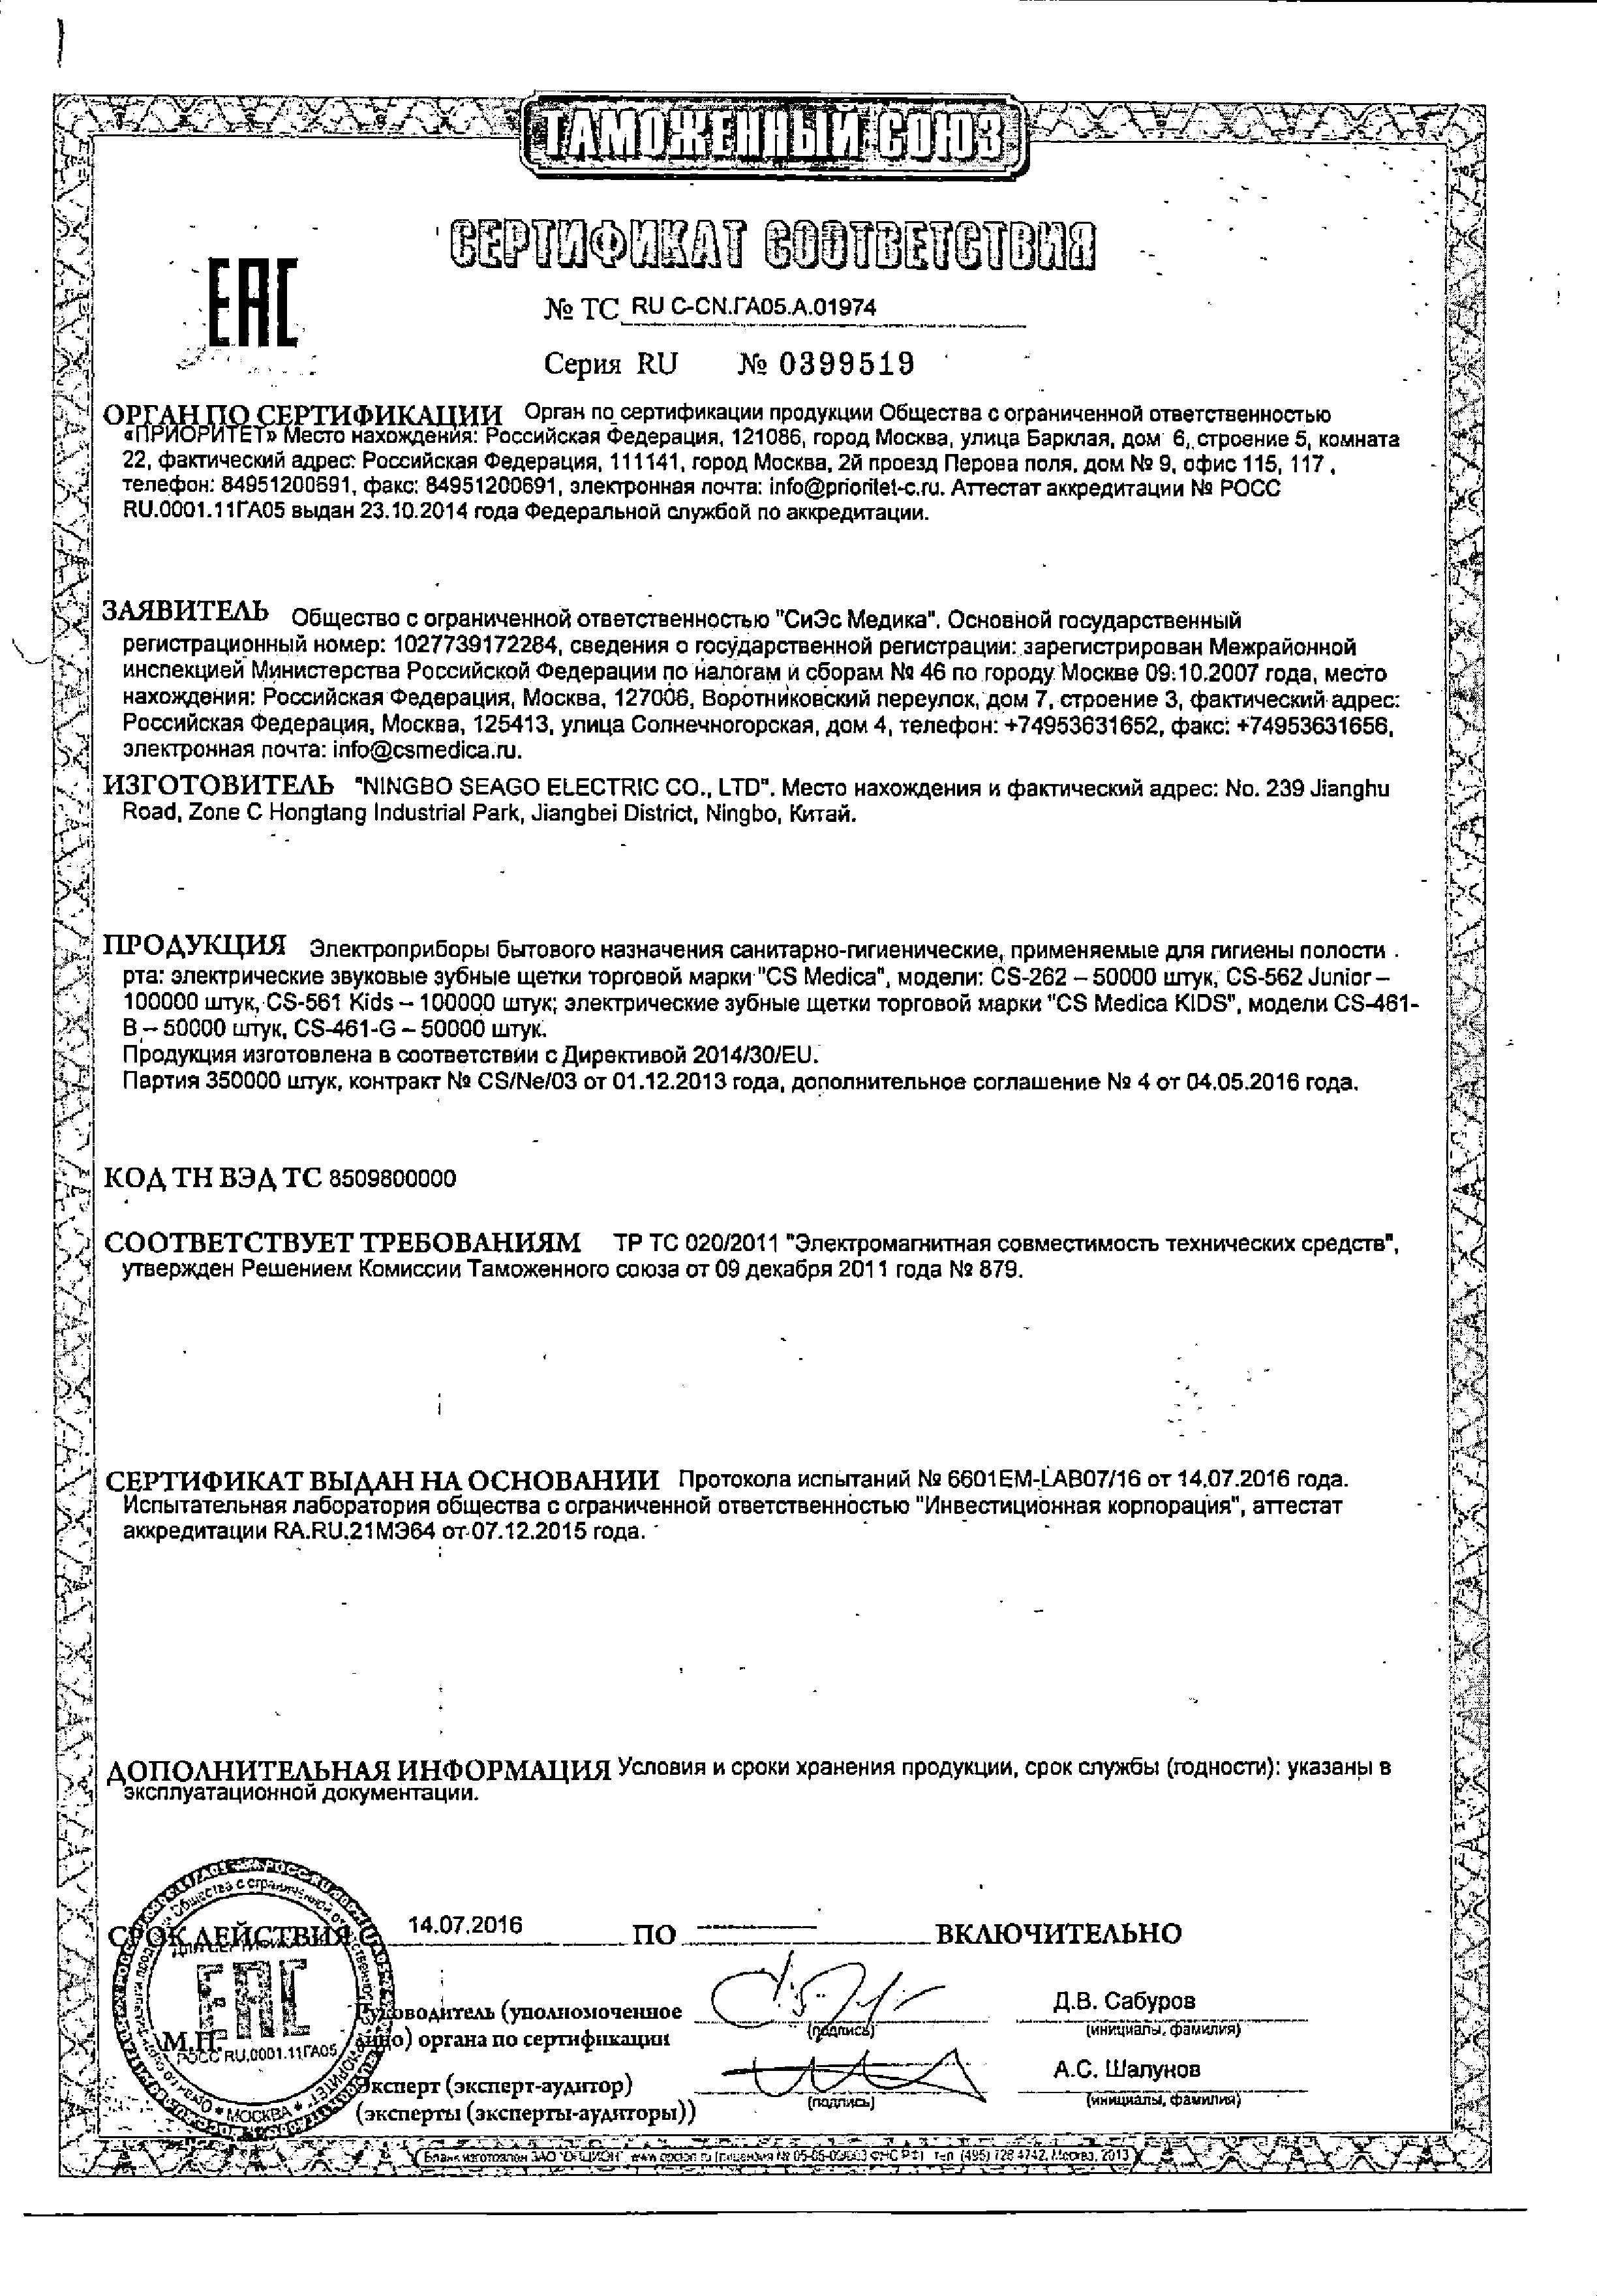 CS Medica Kids CS-461-G Электрическая щетка зубная сертификат